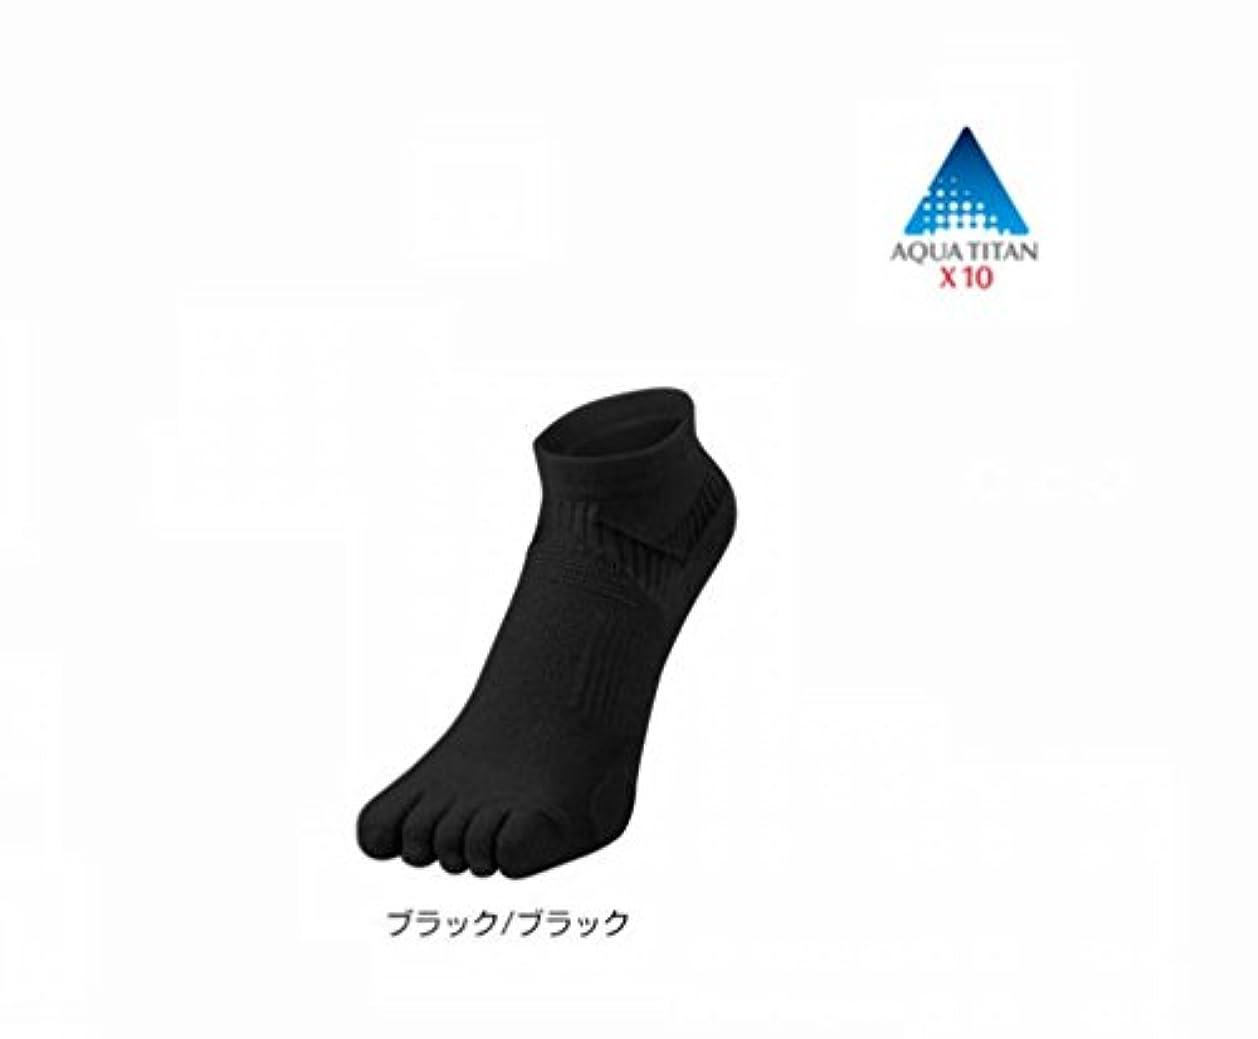 ファイテン 足王(ソッキング) 【メンズ】5本指タイプ25?27cm ブラック/ブラック2足セット